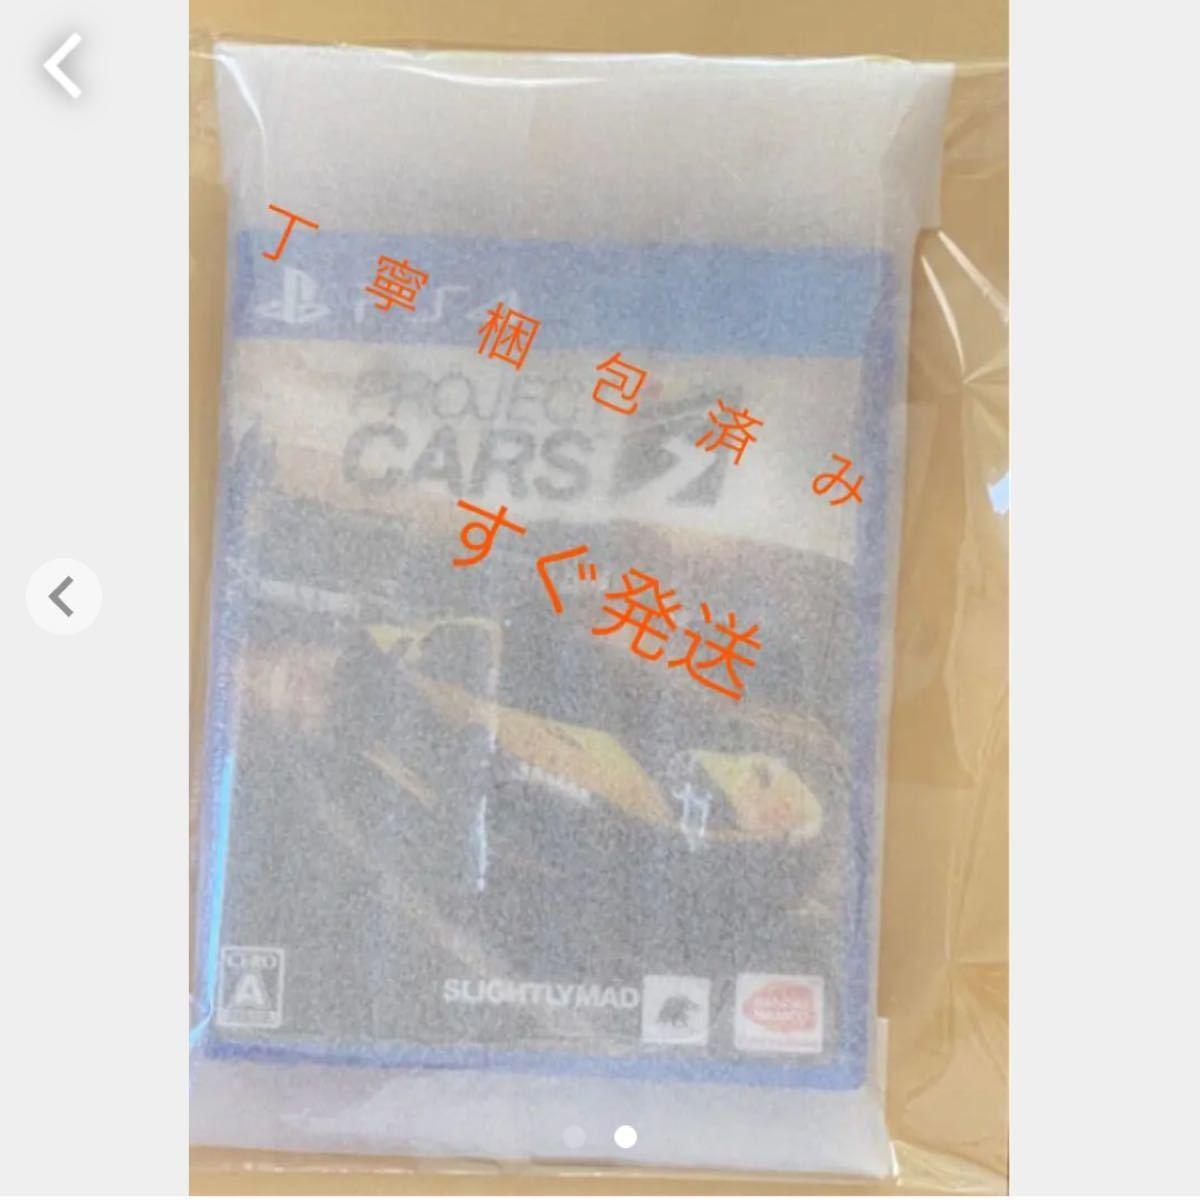 【PS4  プロジェクトカーズ3  】#PROJECT CARS3 #新品未開封